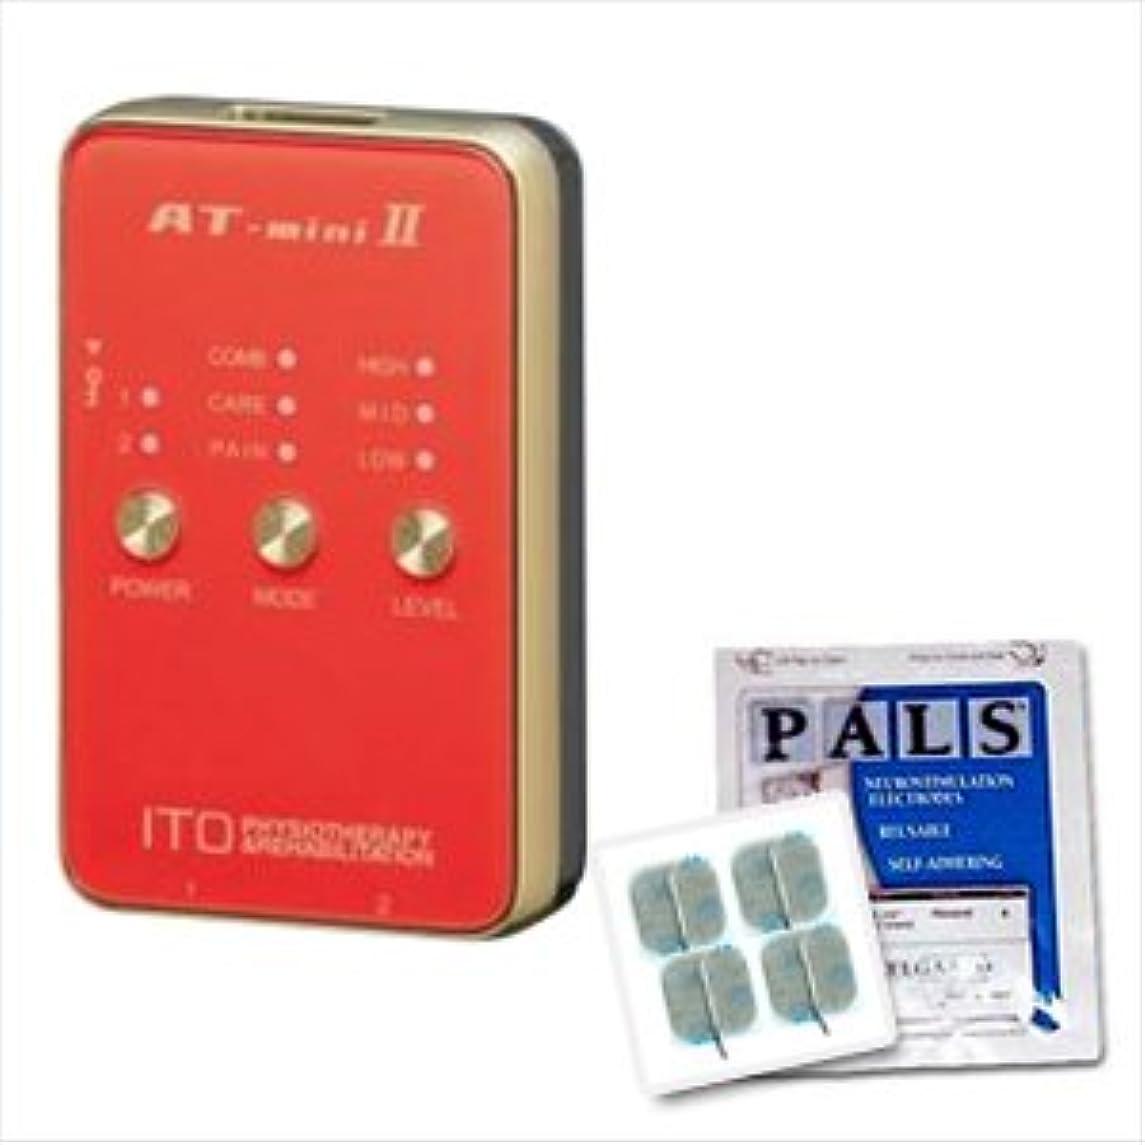 料理をするりんご無臭低周波治療器 AT-mini II オレンジ +アクセルガードMサイズ(5x5cm:1袋4枚入)セット